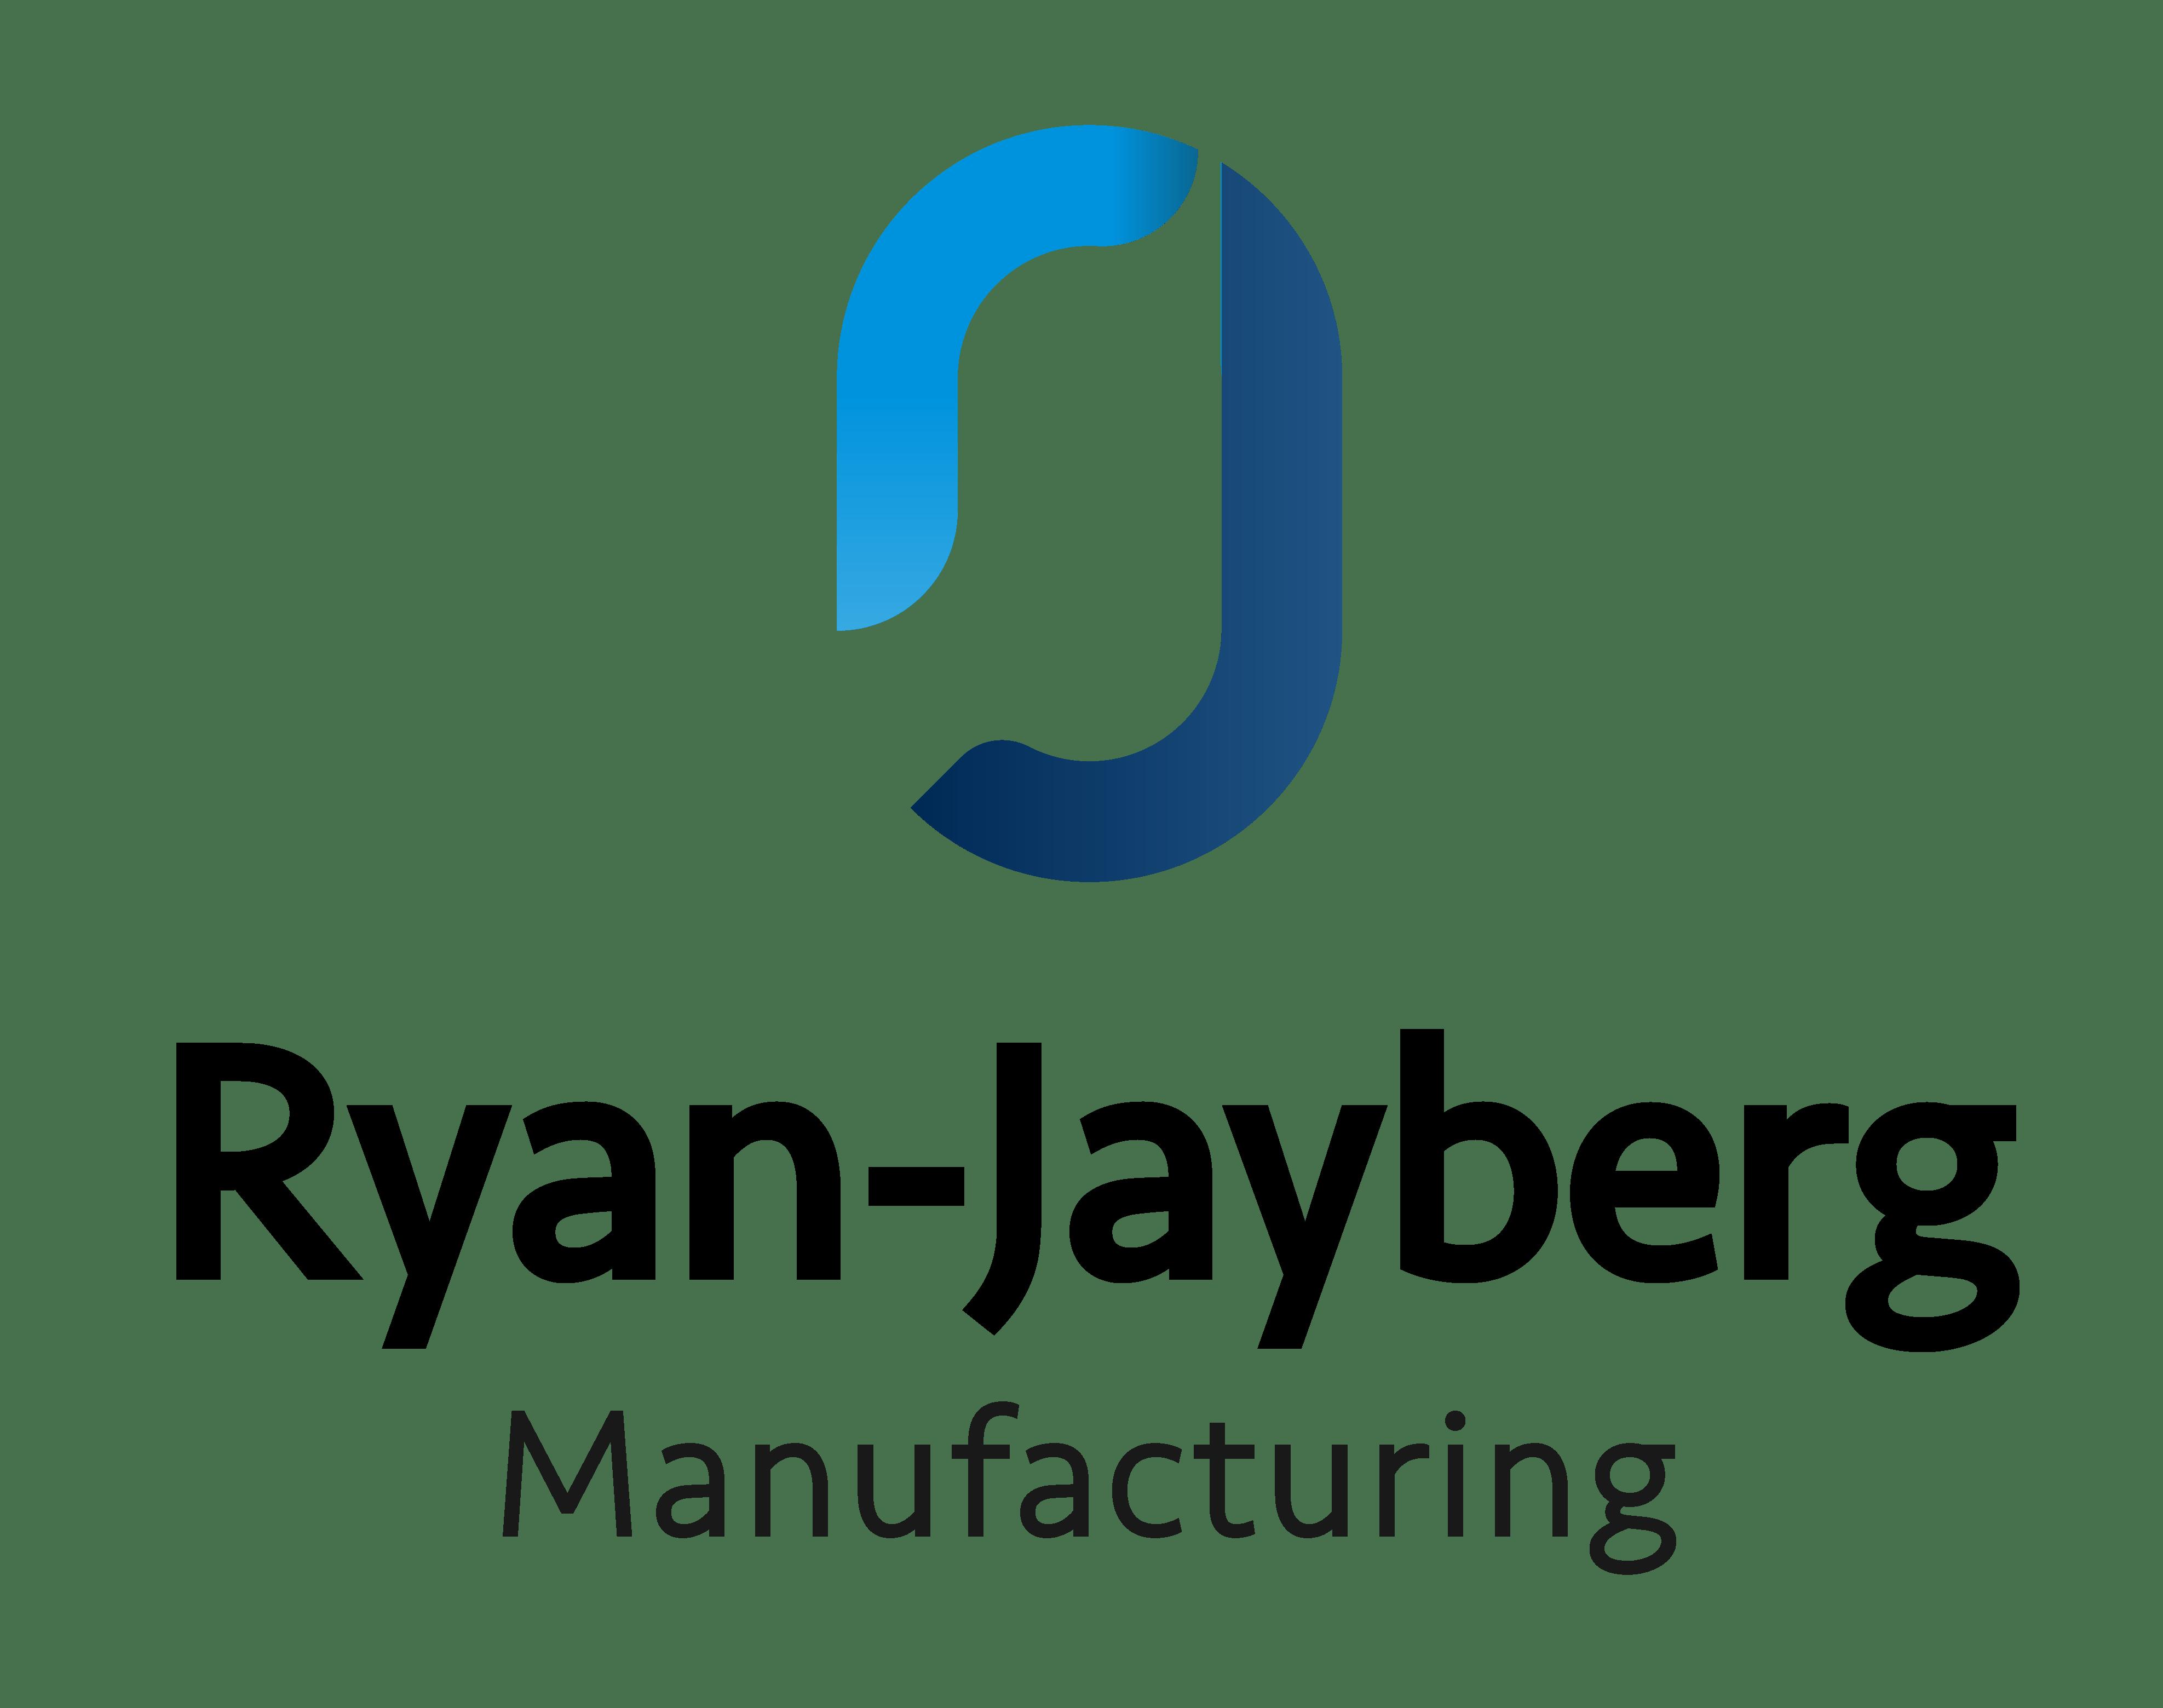 Ryan-Jayberg Manufacturing